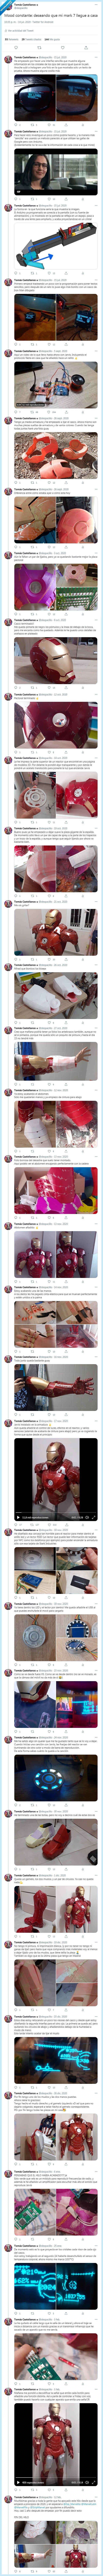 electrónica,iron man,vengadores